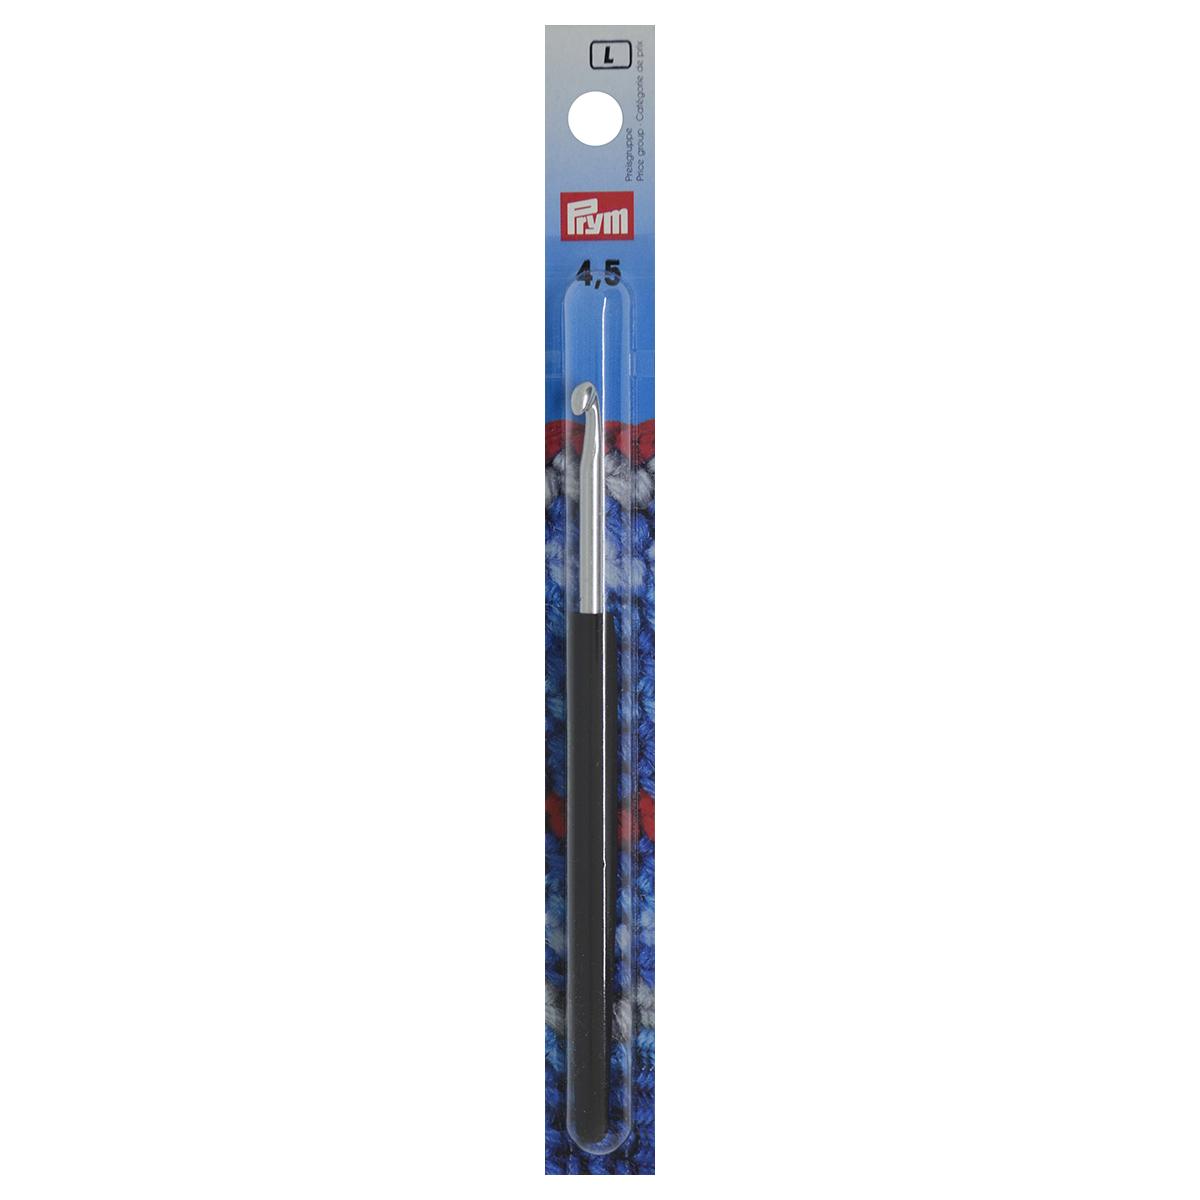 195177 Крючок SOFT вязальный с мягкой ручкой, алюм. 4,5 * 14 Prym